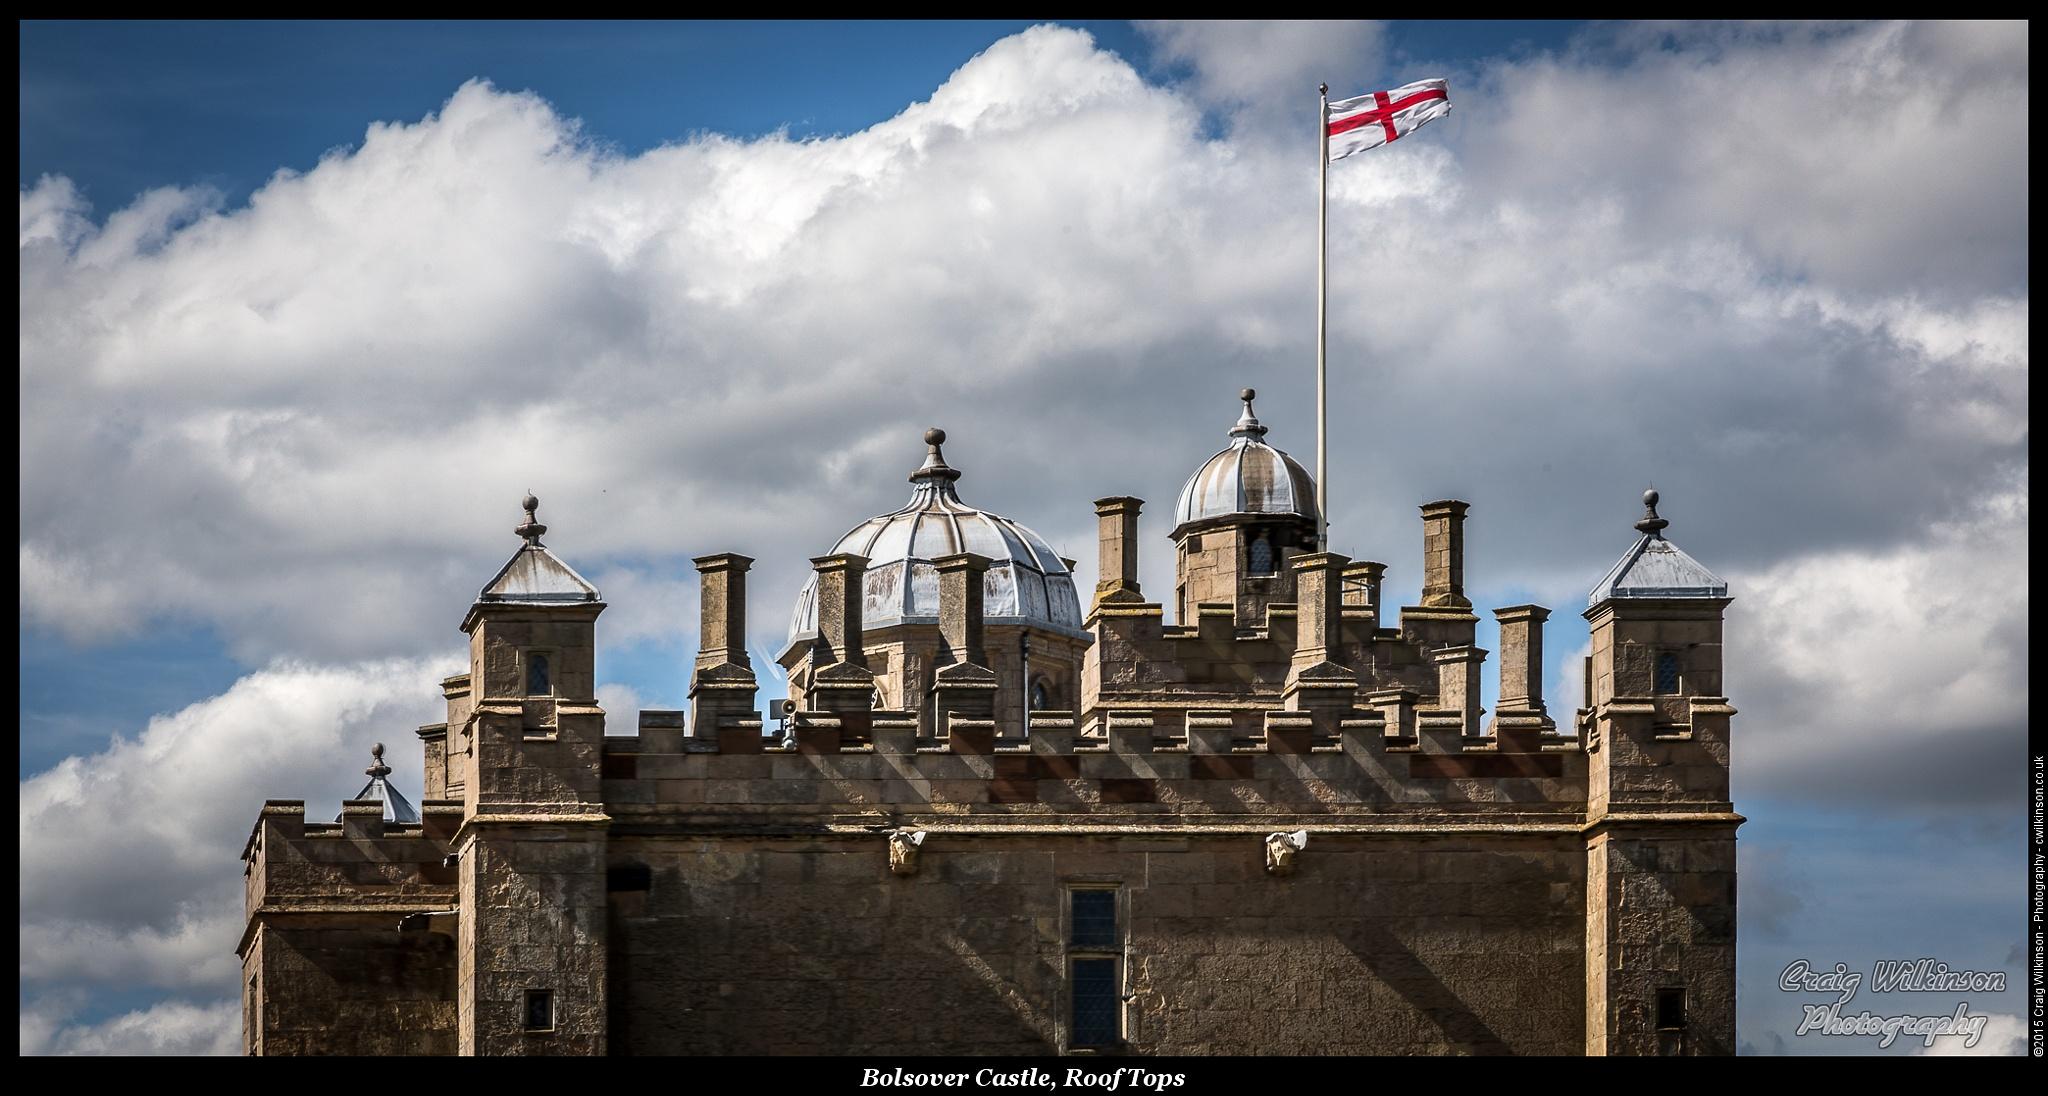 Bolsover Castle, Rooftops by Craig Wilkinson